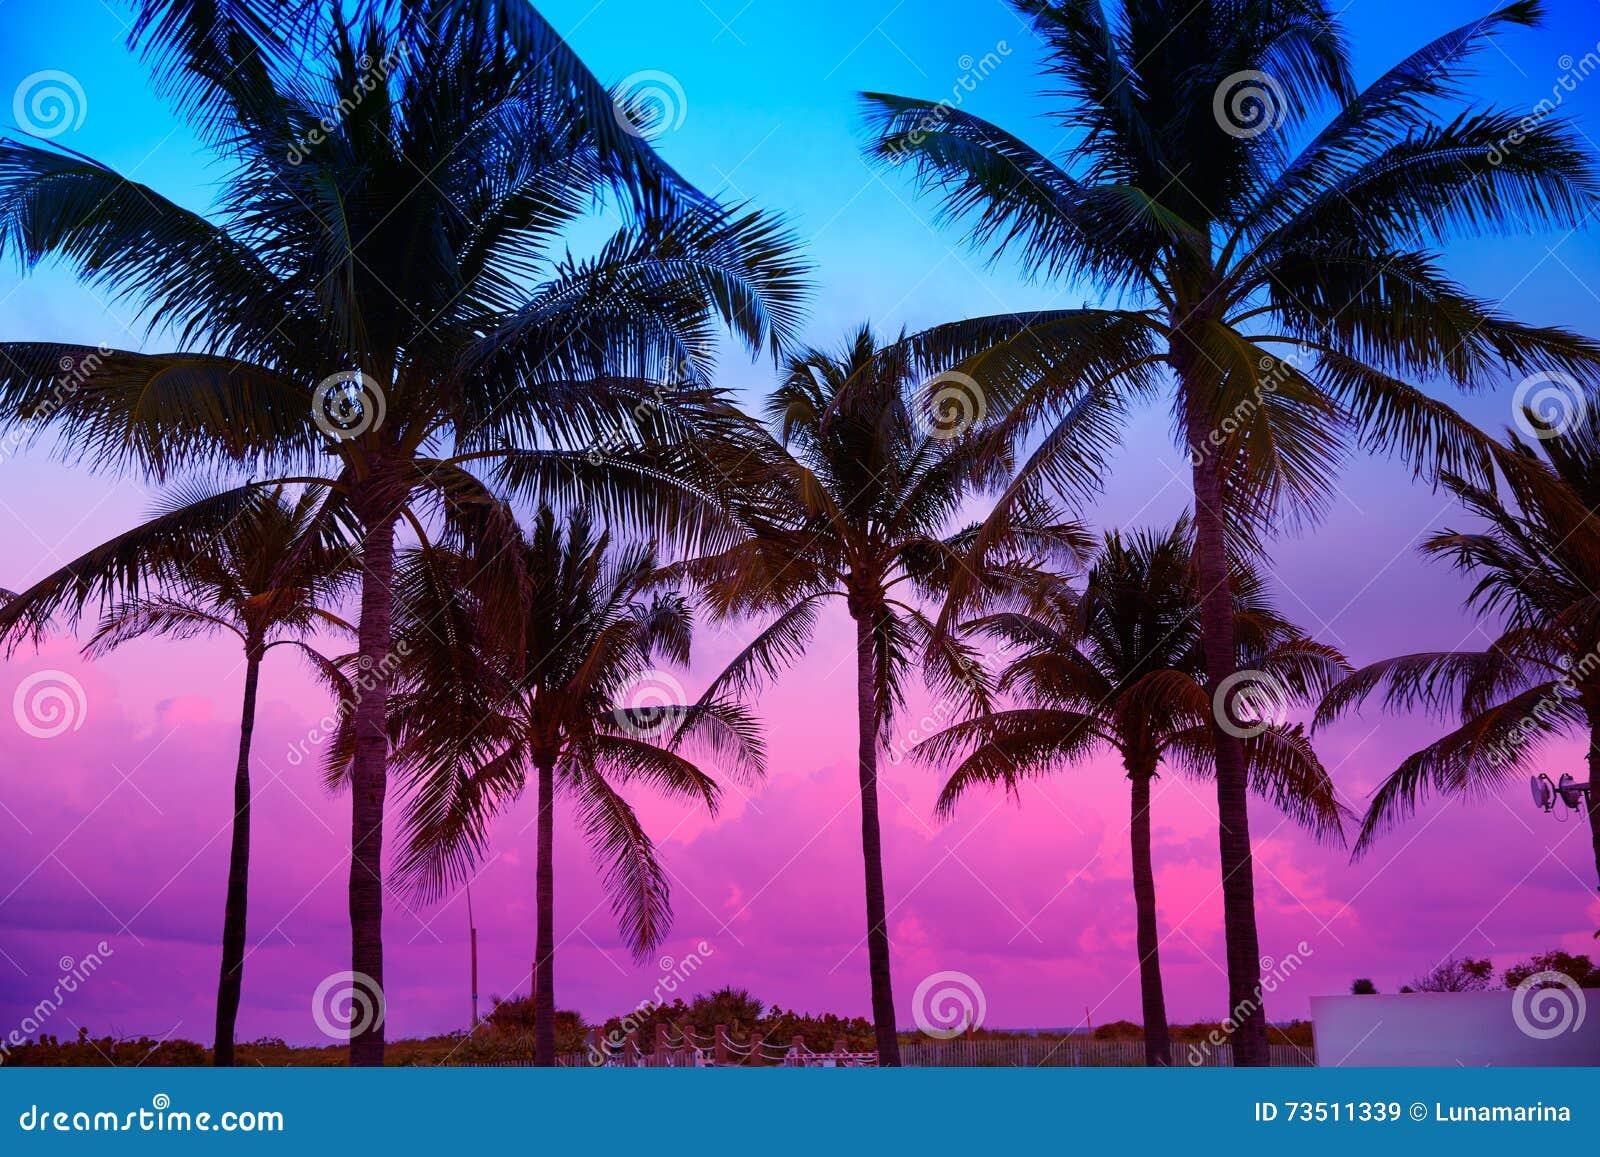 迈阿密海滩南海滩日落棕榈树佛罗里达